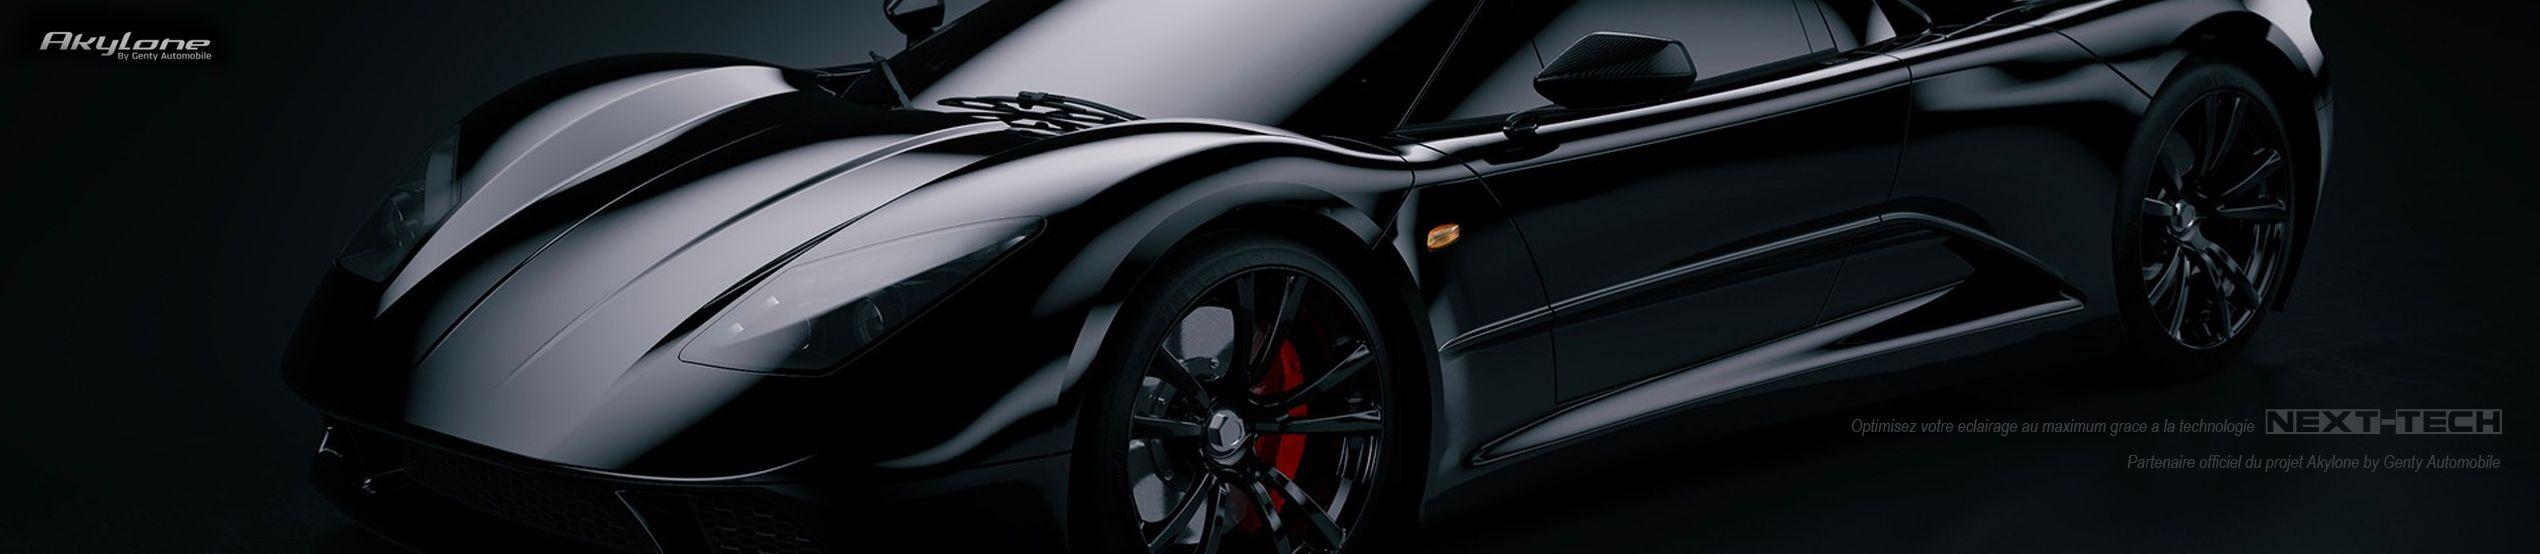 Next-Tech France partenaire et sponsor officiel du projet Akylone by Genty Automobile